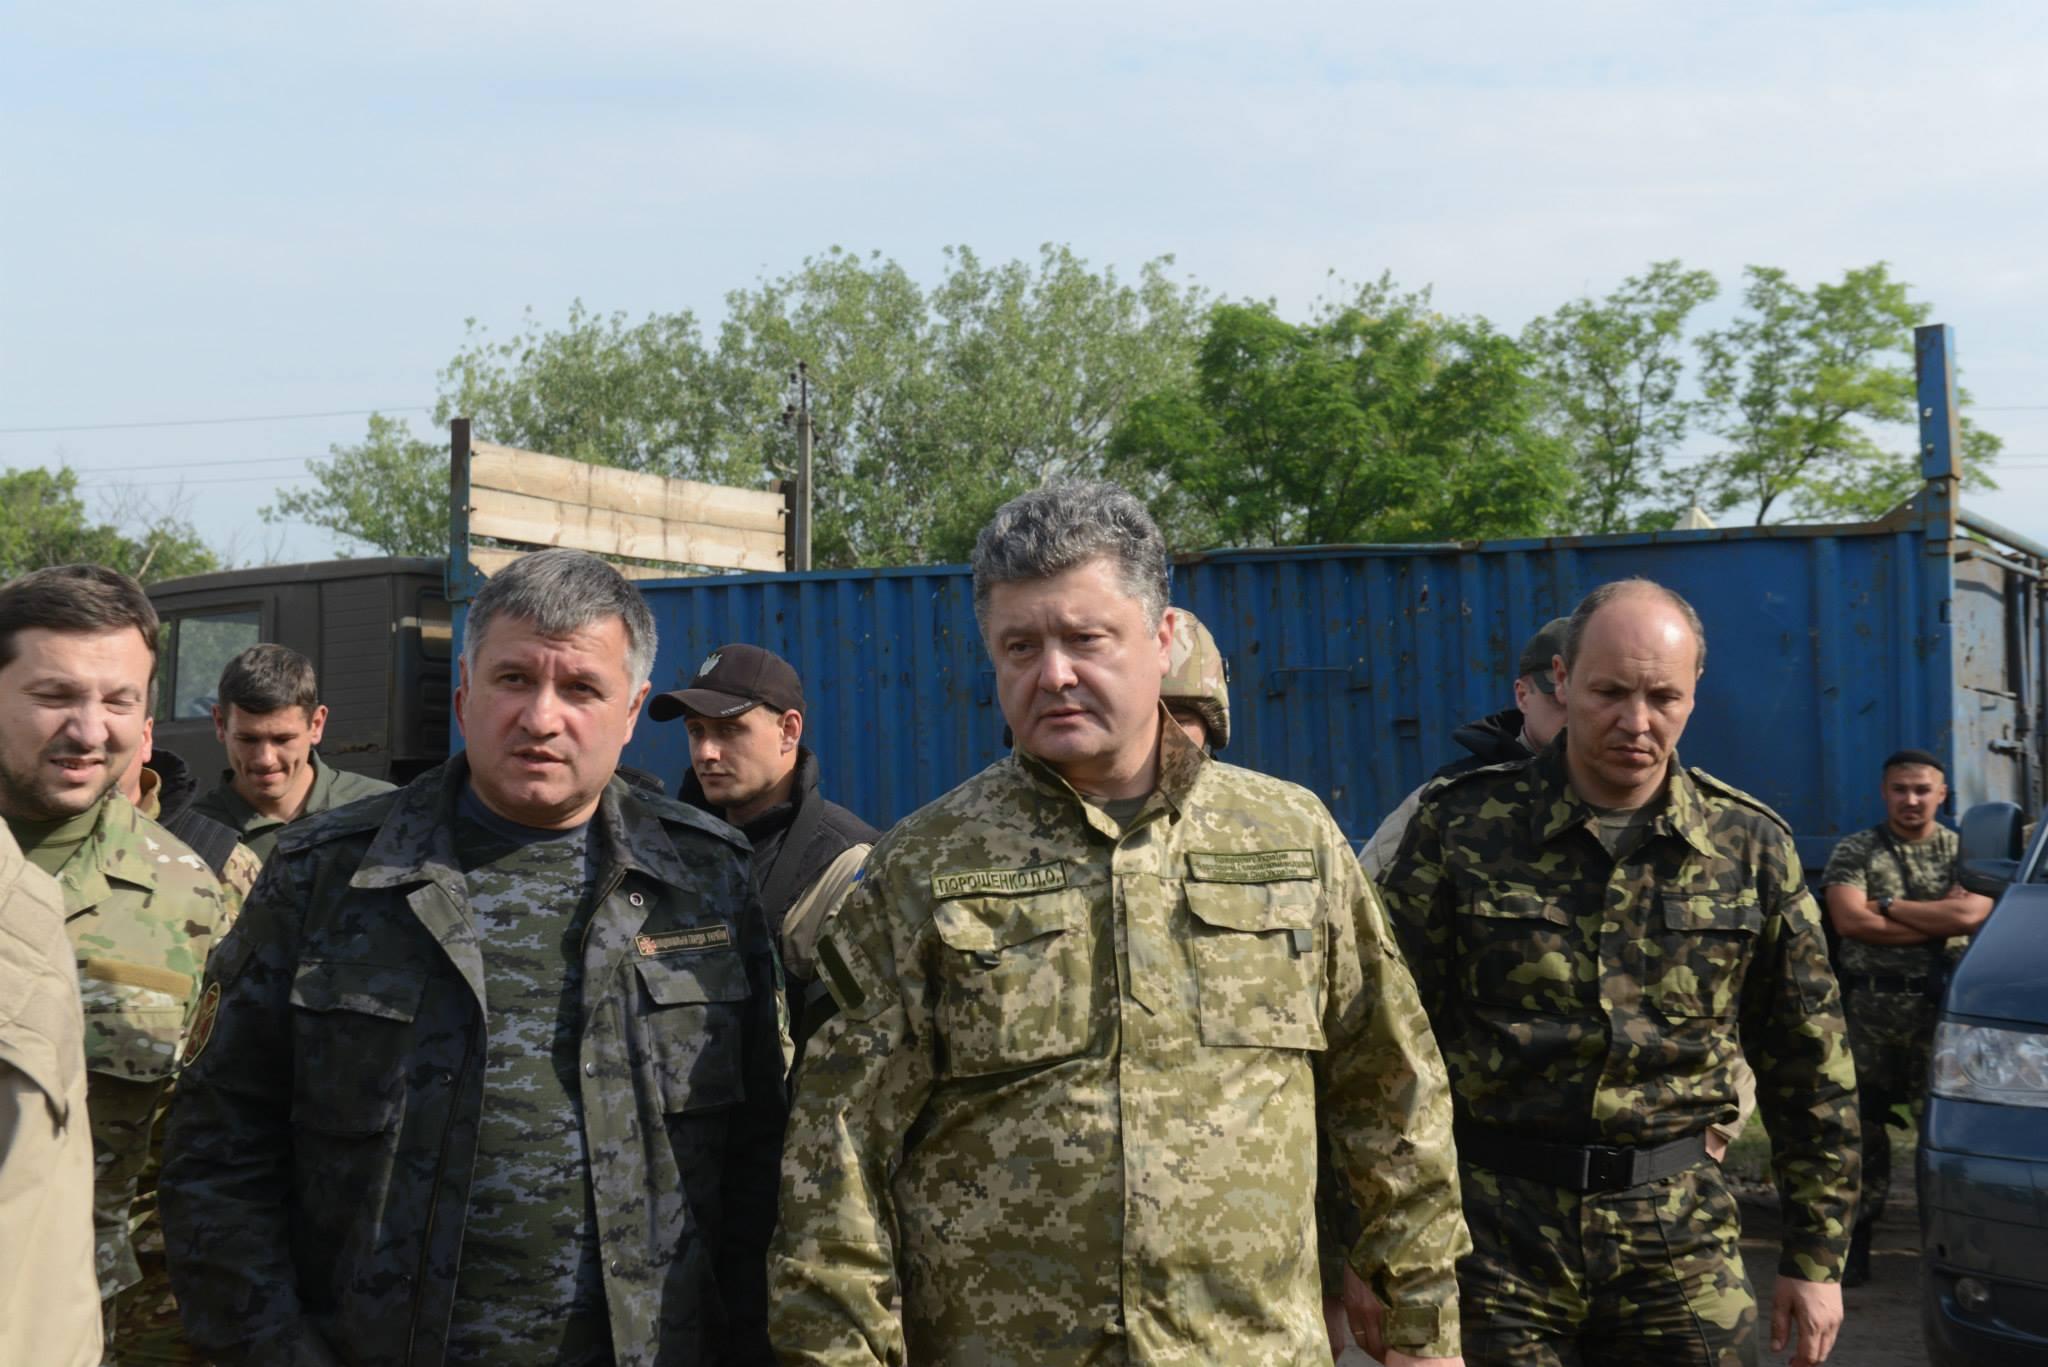 Геращенко: Порошенко і Аваков йдуть на жорсткий конфлікт